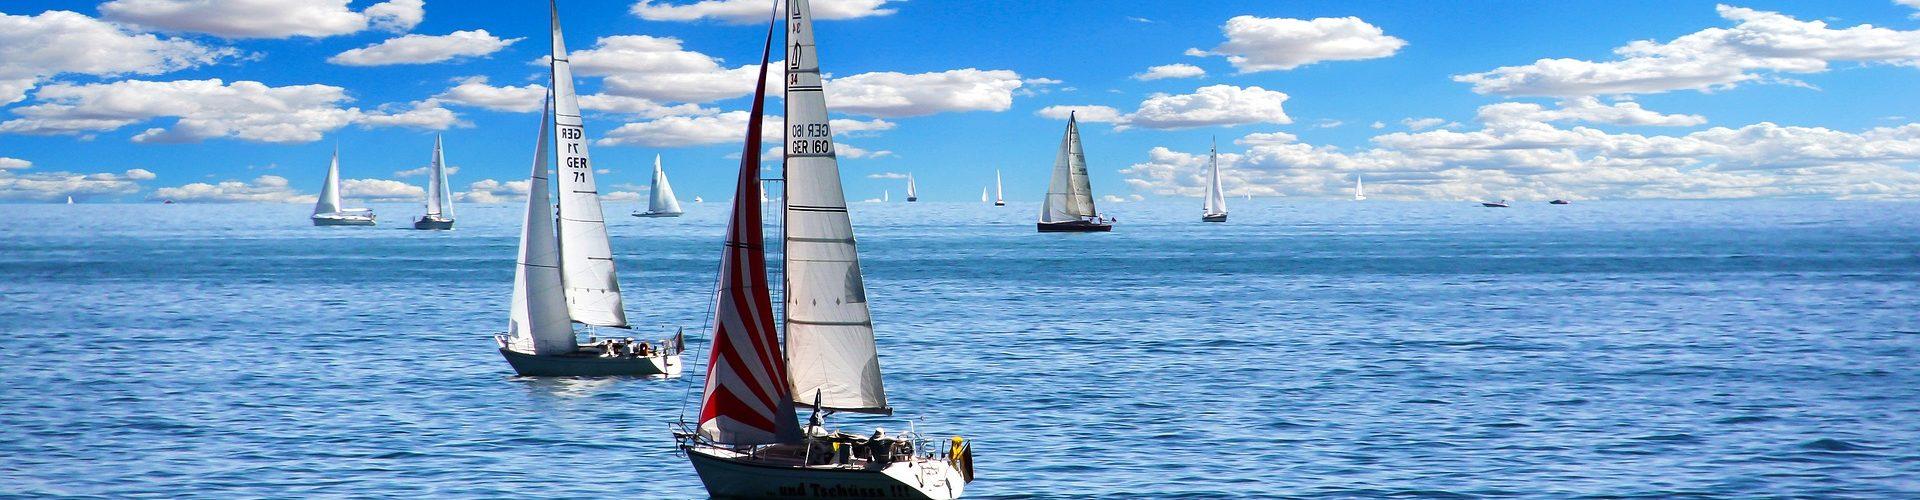 segeln lernen in Albstadt segelschein machen in Albstadt 1920x500 - Segeln lernen in Albstadt